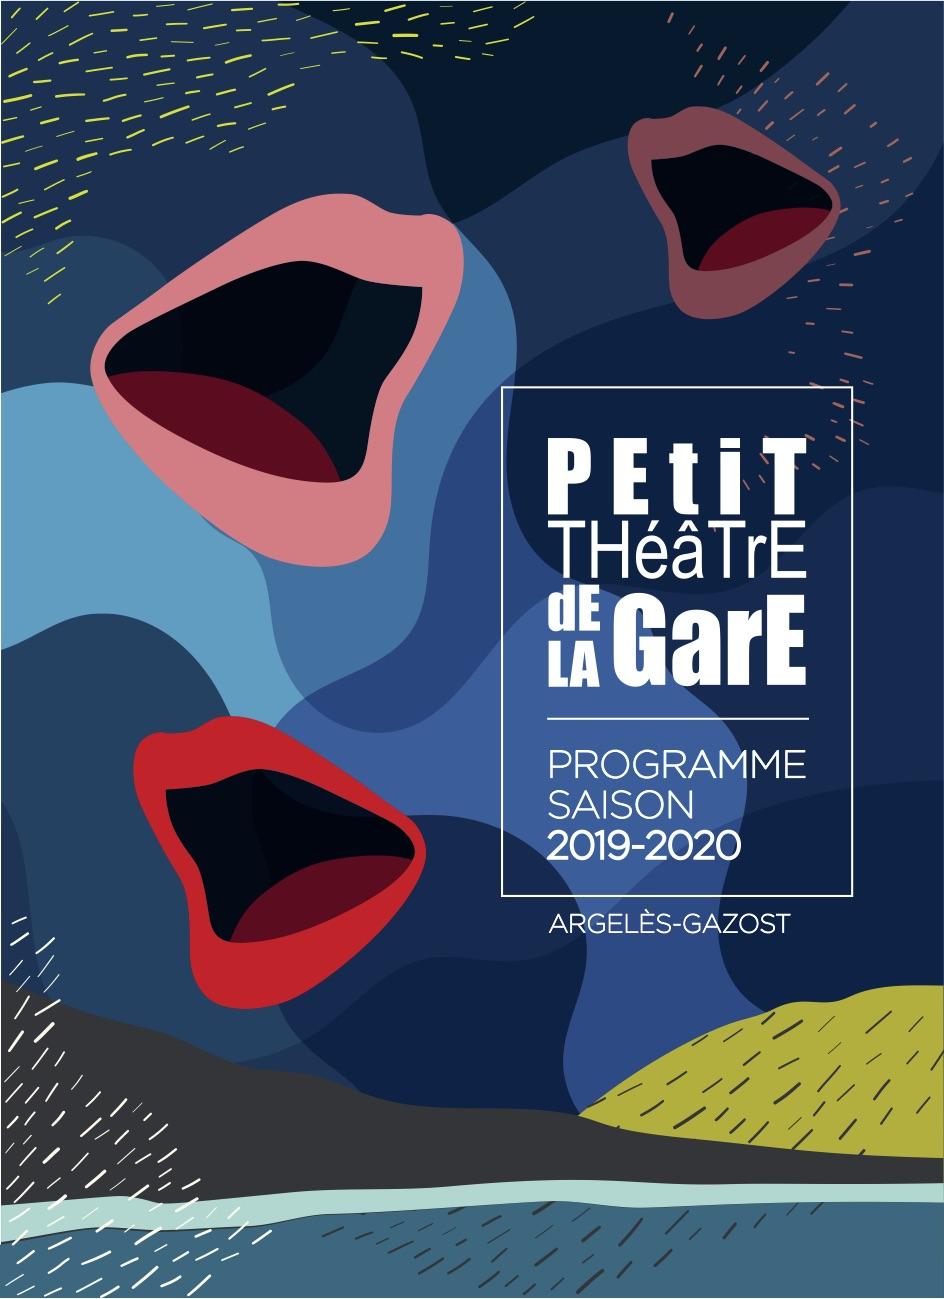 Plaquette prog PTG 2019:2020.jpg